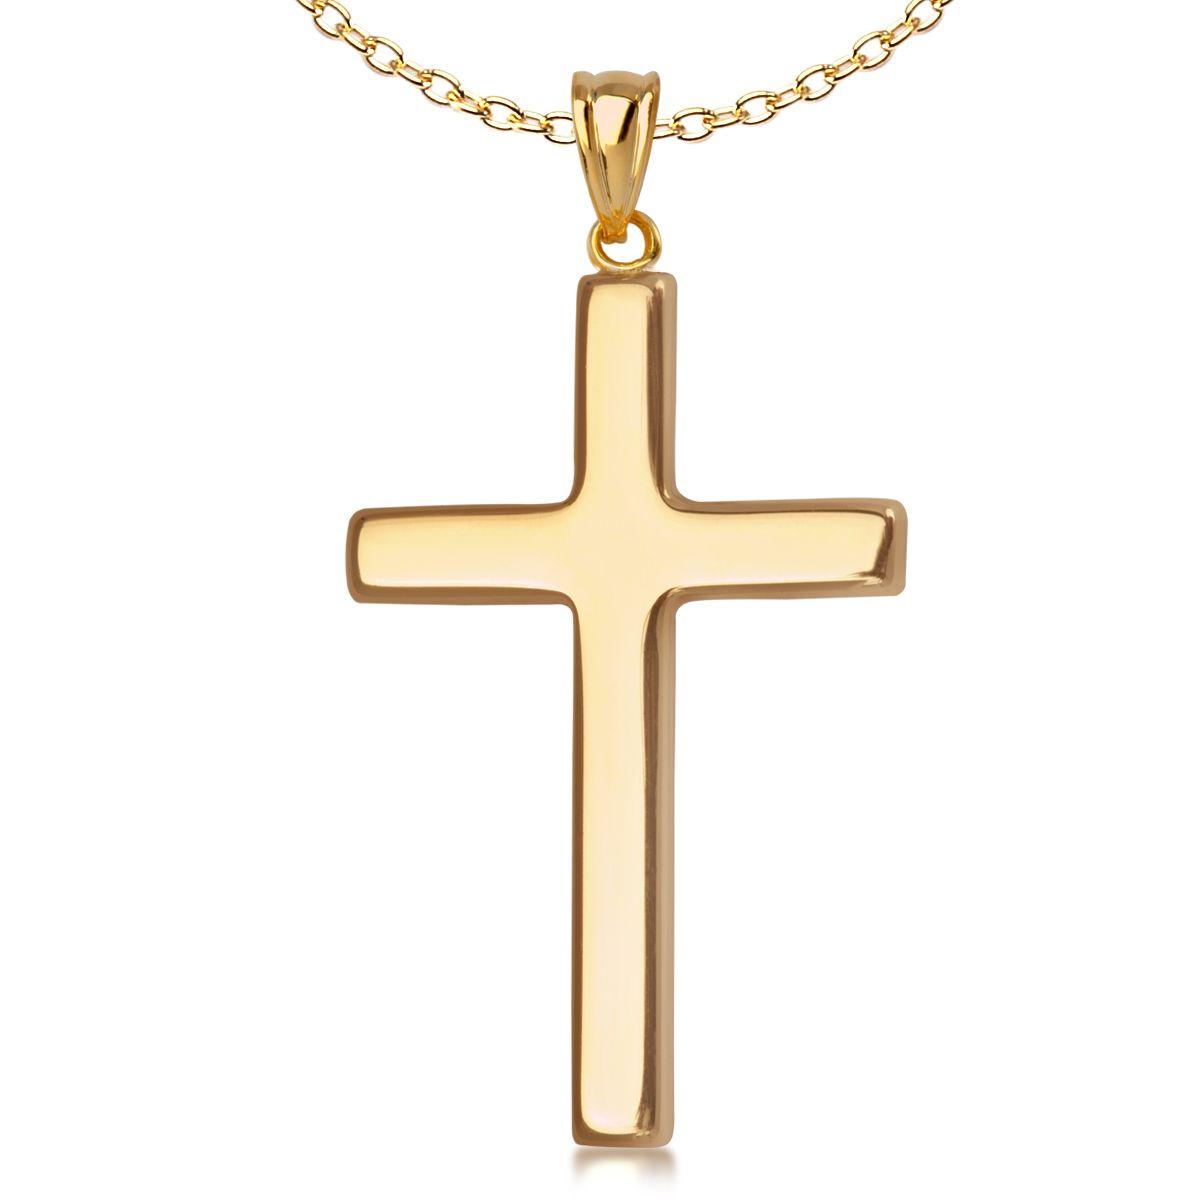 Złota zawieszka w kształcie krzyżyka, 169 PLN  ● www.Bejewel.me/zlota-zawieszka